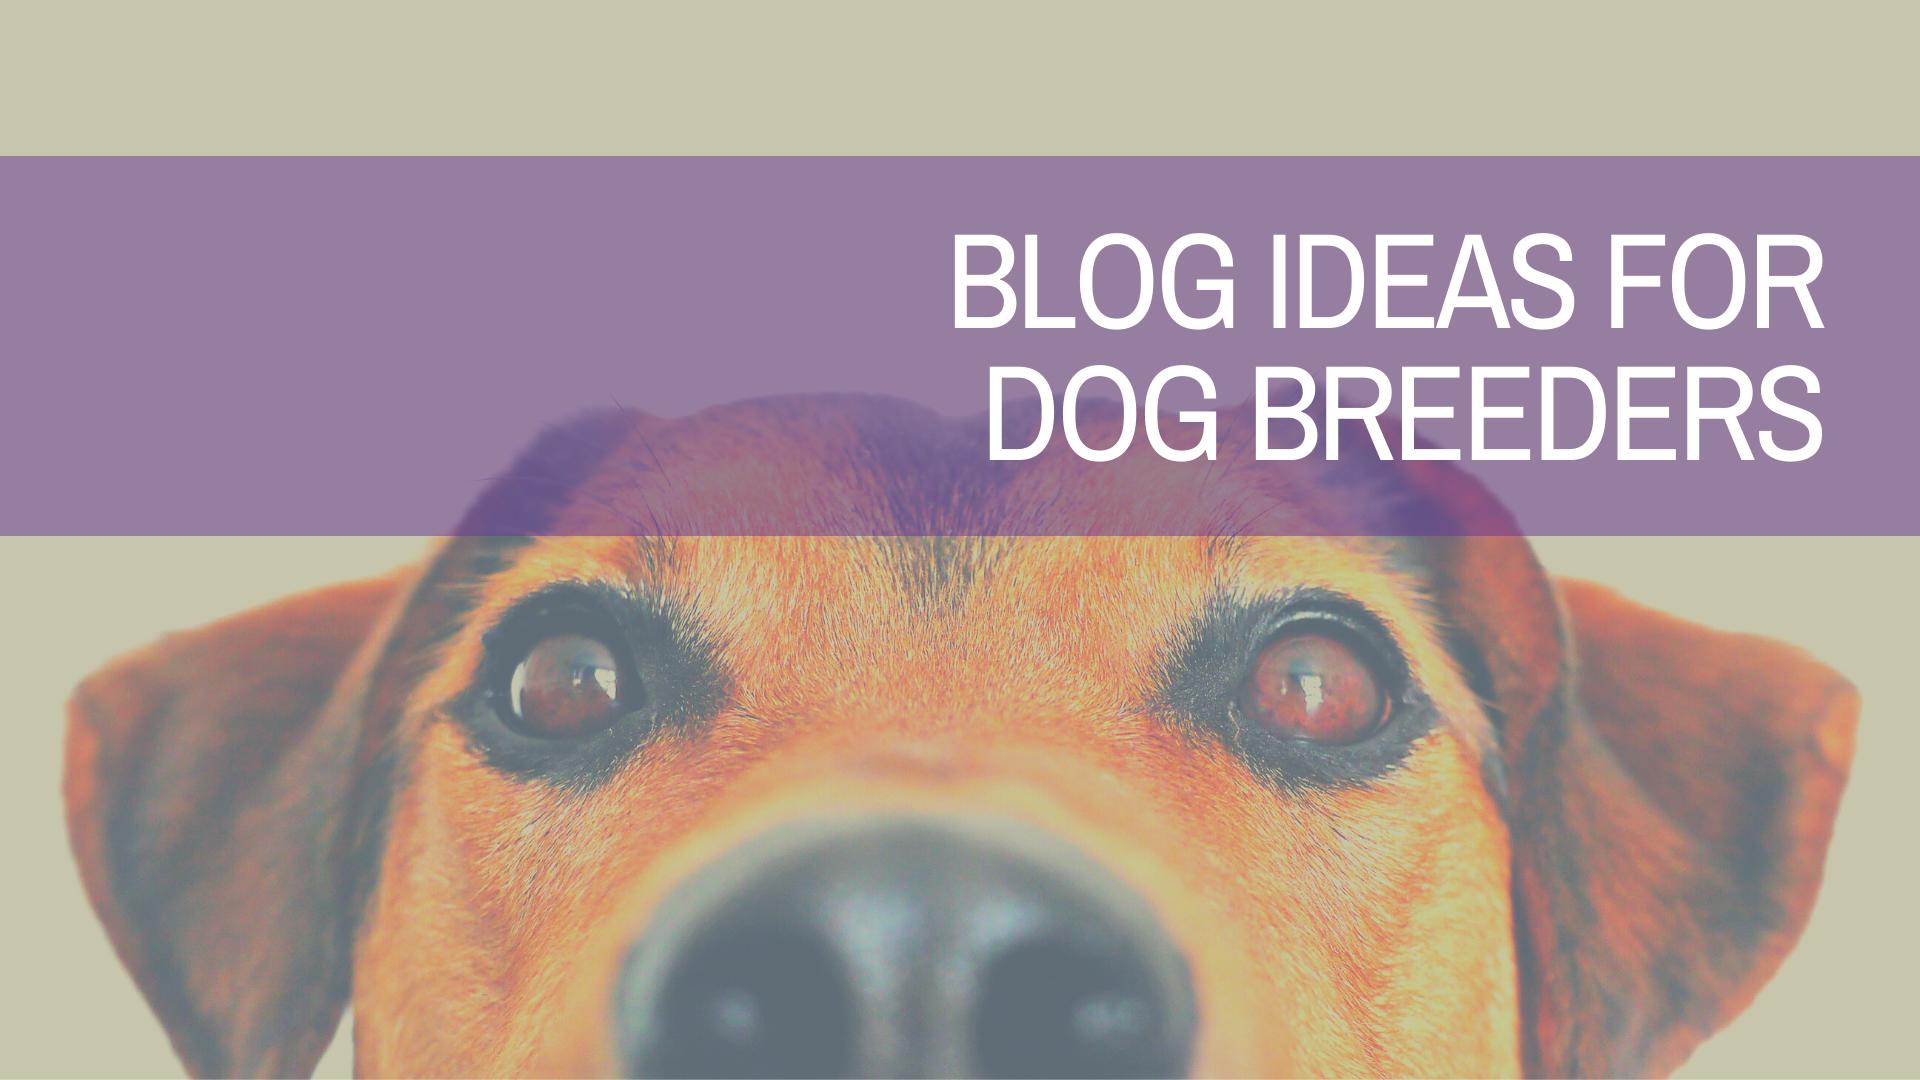 Blog Ideas for Dog Breeders | Amplihigher